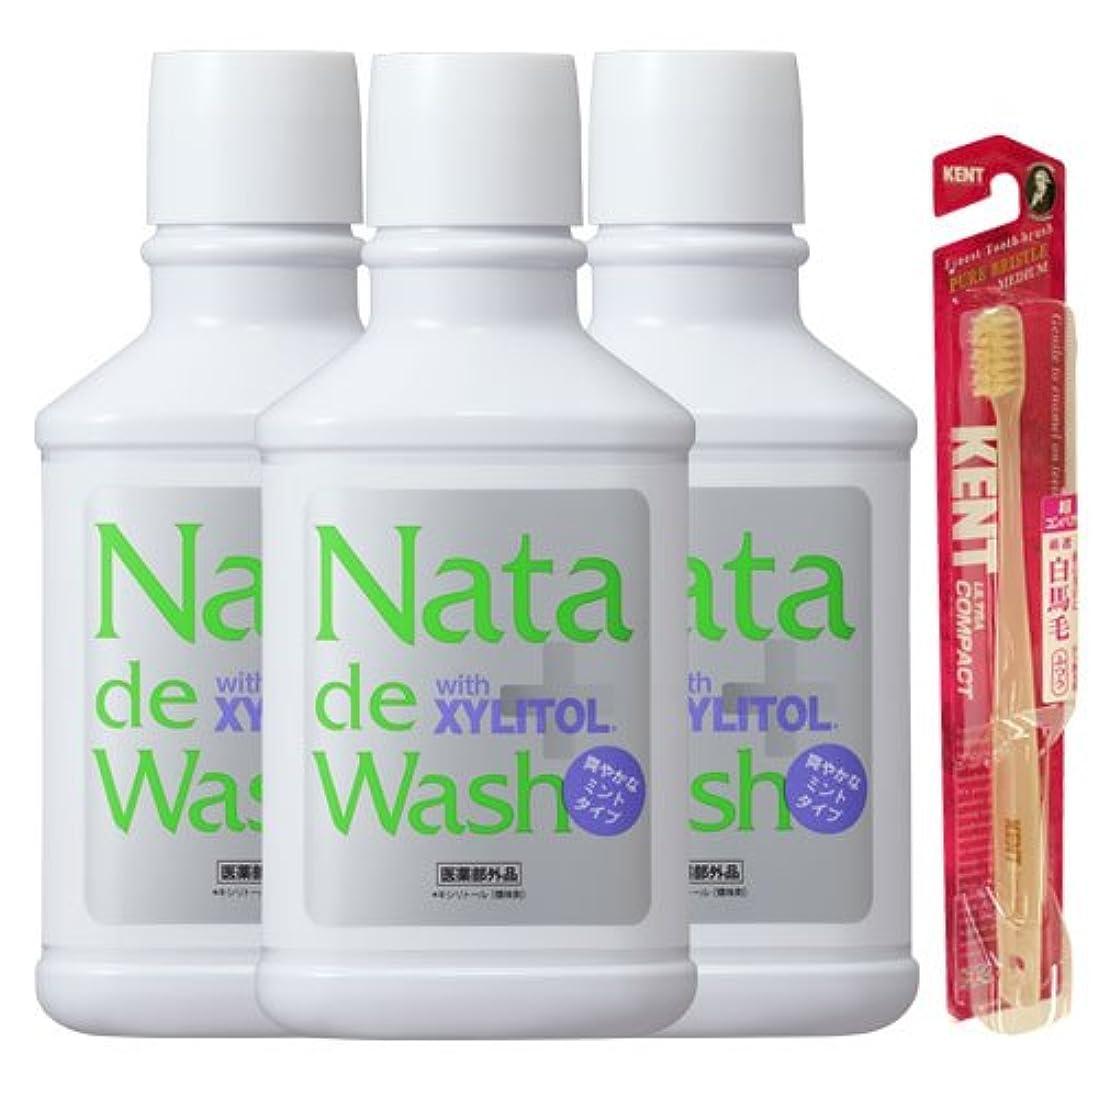 リクルート可塑性露骨な薬用ナタデウォッシュ 爽やかなミントタイプ 500ml 3本& KENT歯ブラシ1本プレゼント